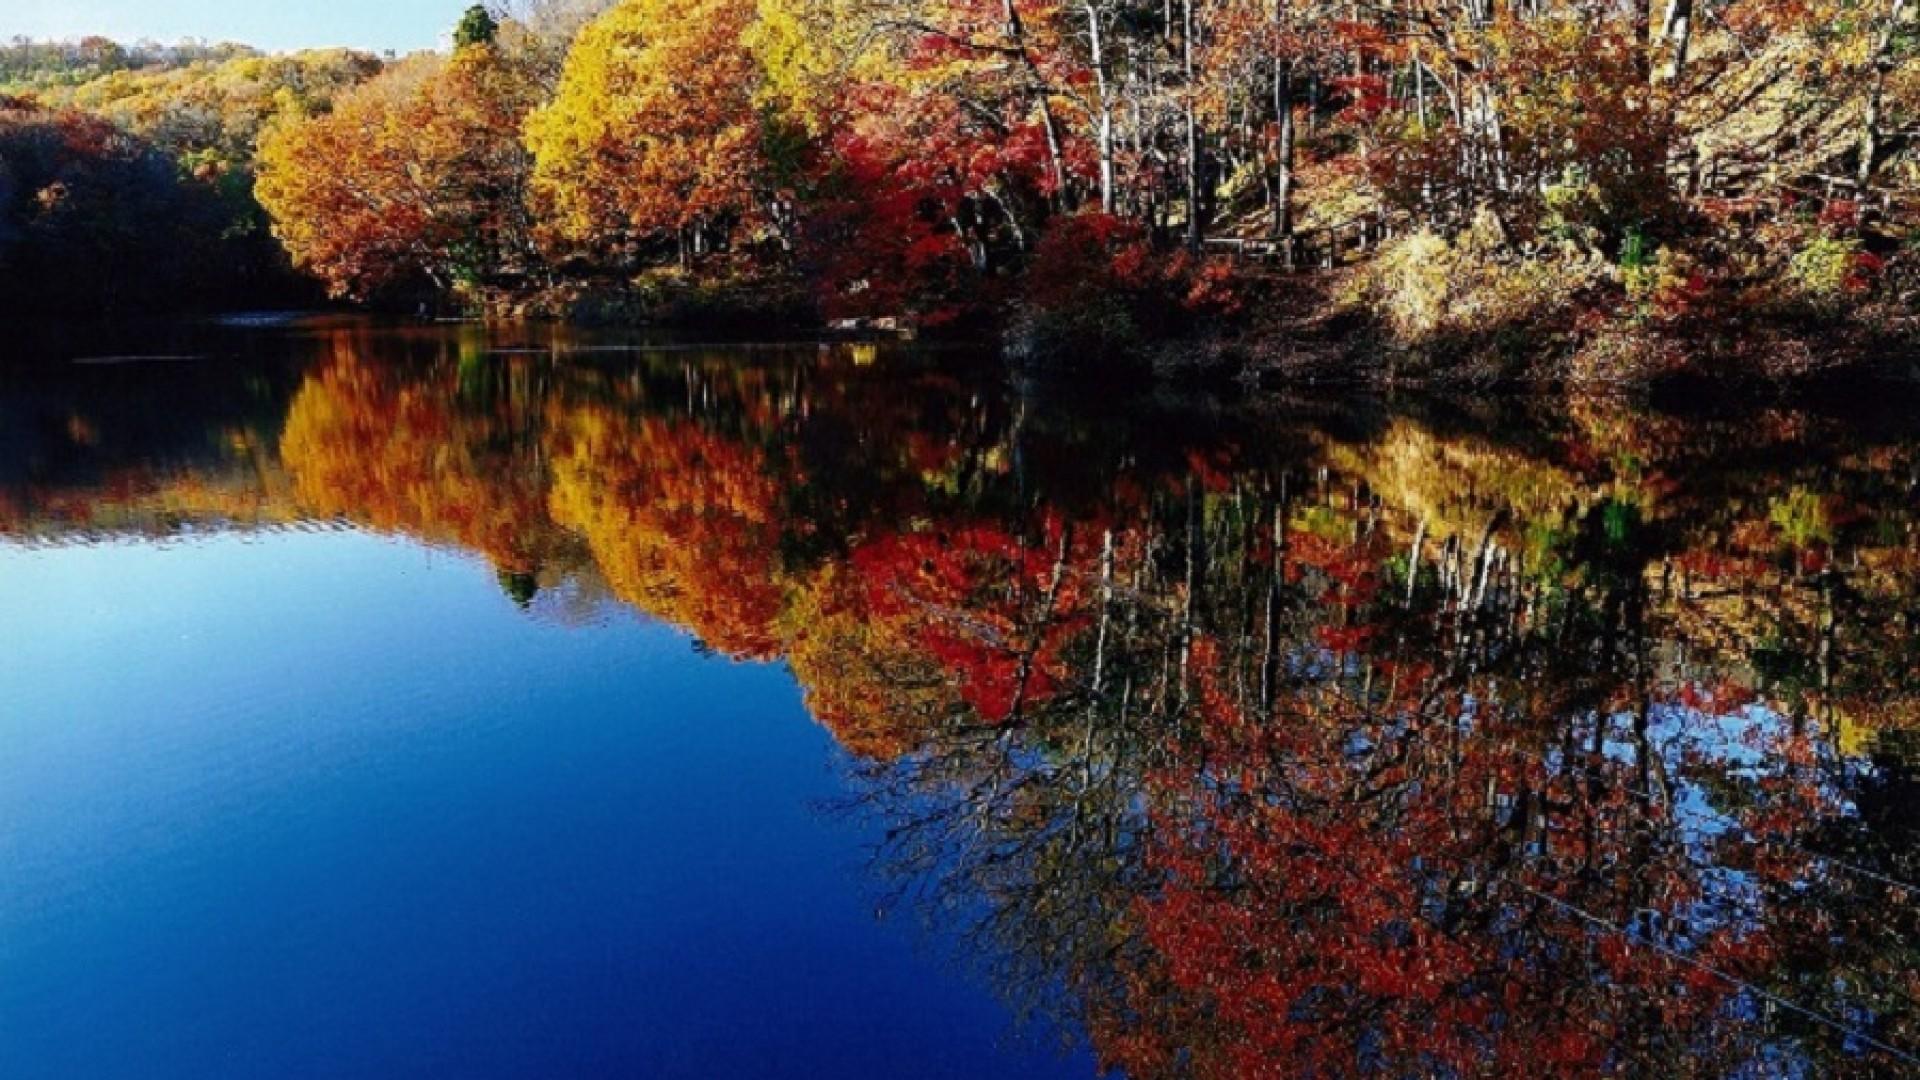 ทะเลสาบชินเซ-โกะ